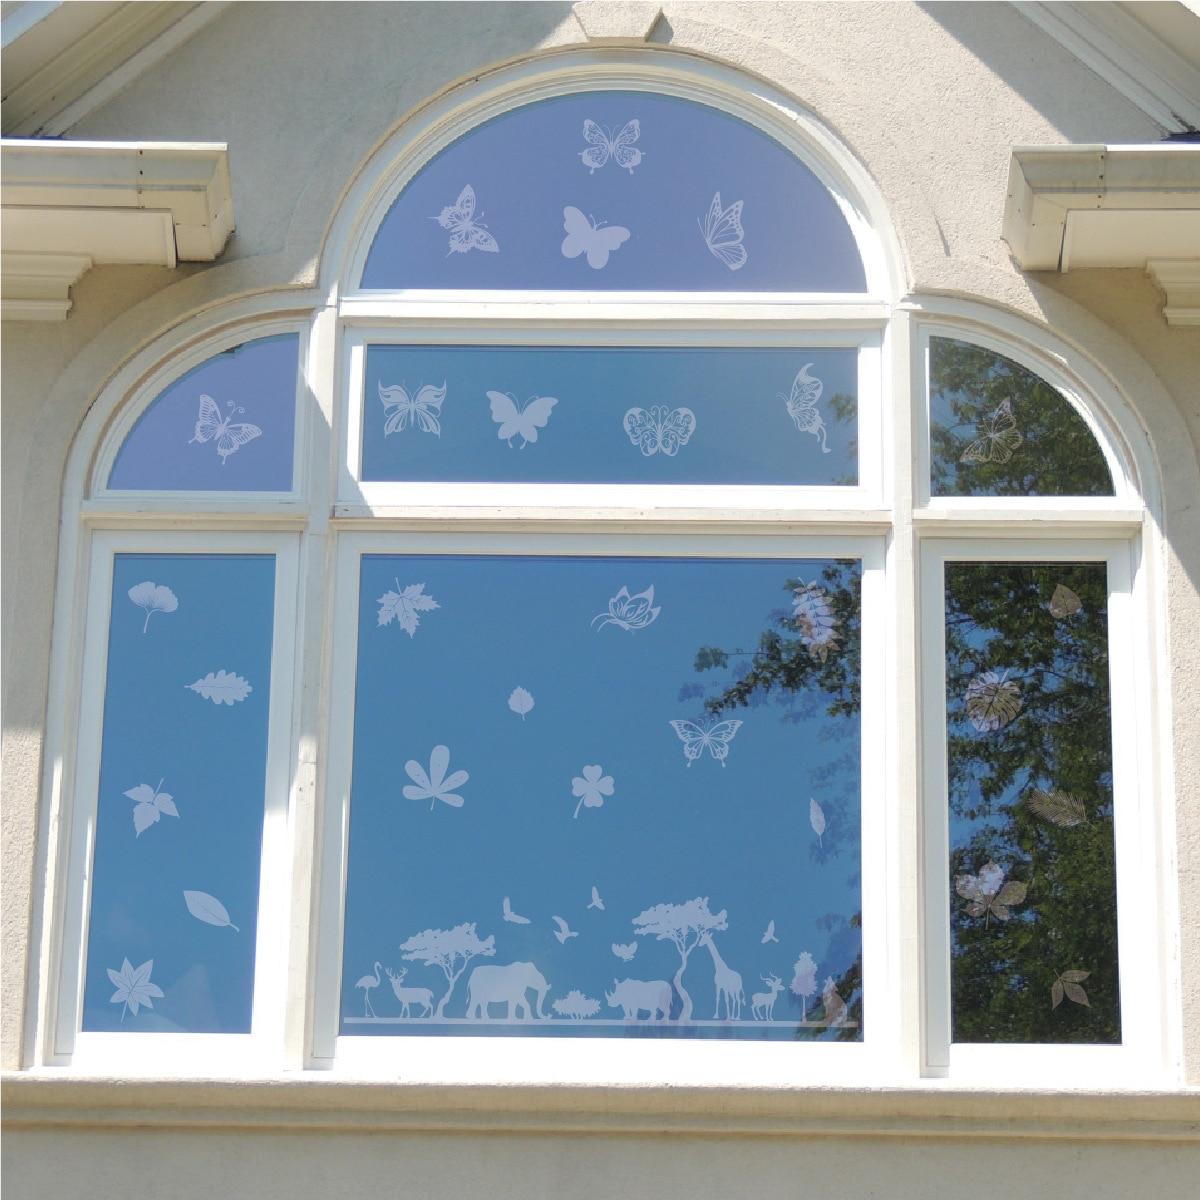 de-gran-tamano-anti-colision-de-la-ventana-palo-de-formas-alerta-pegatinas-de-aves-siluetas-calcomania-transparente-evitar-pajaro-golpea-la-ventana